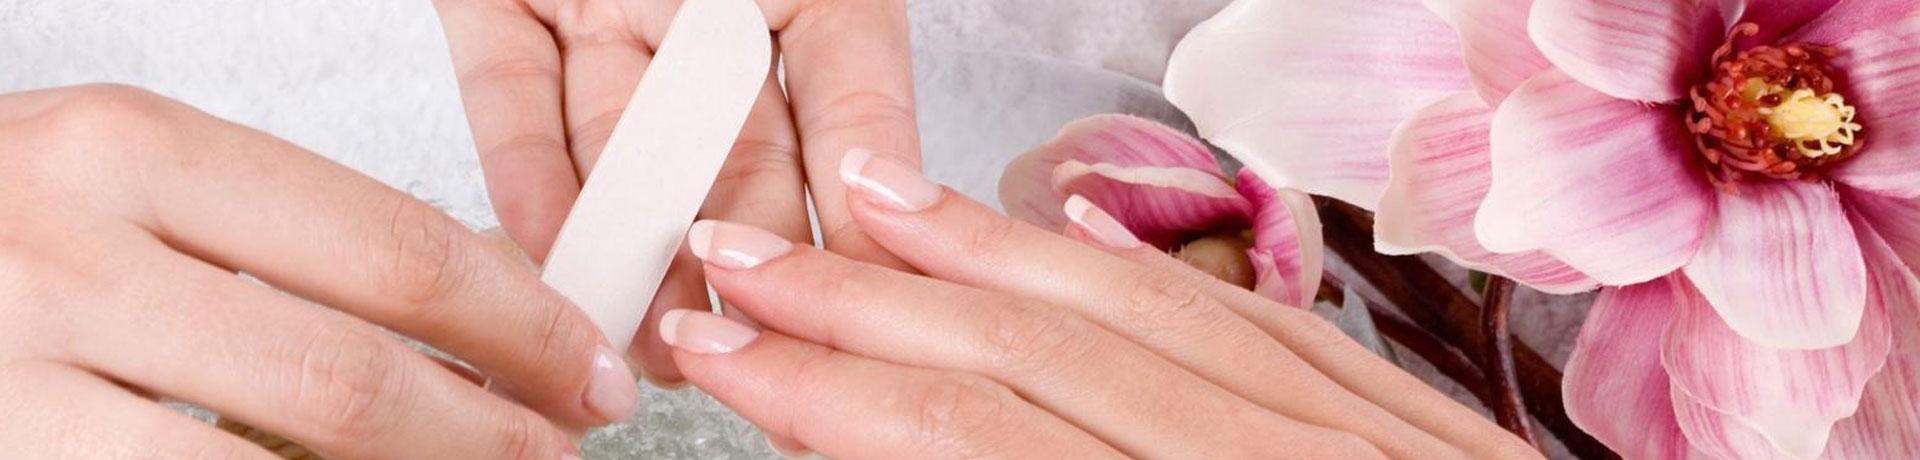 Wysztkie tajemnice manicure